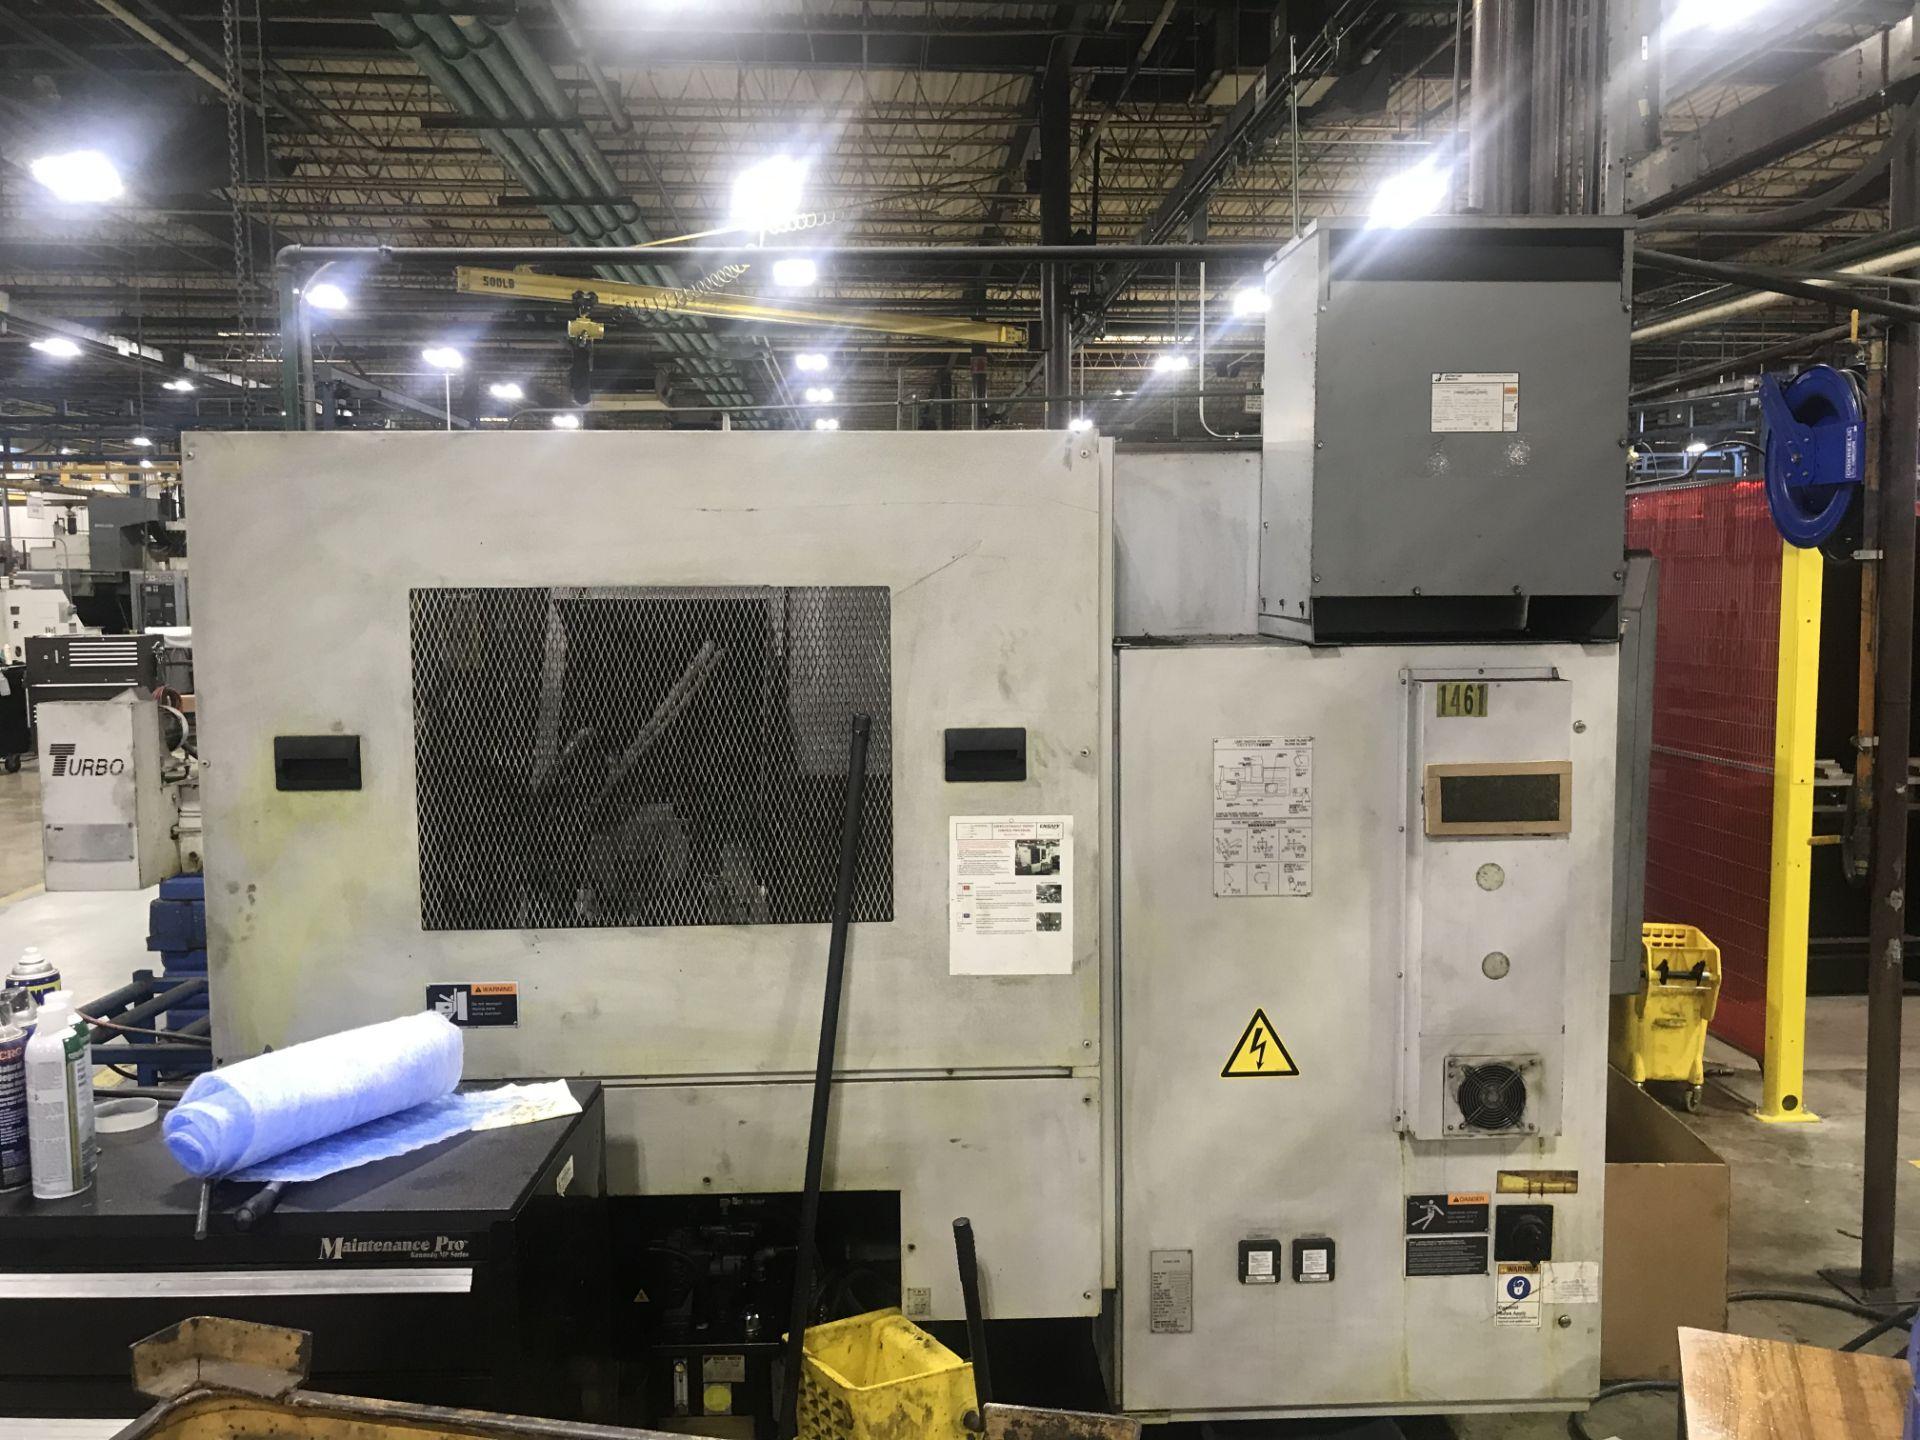 2006 Mori Seiki NL2500/700 CNC Turning Center - Image 8 of 12